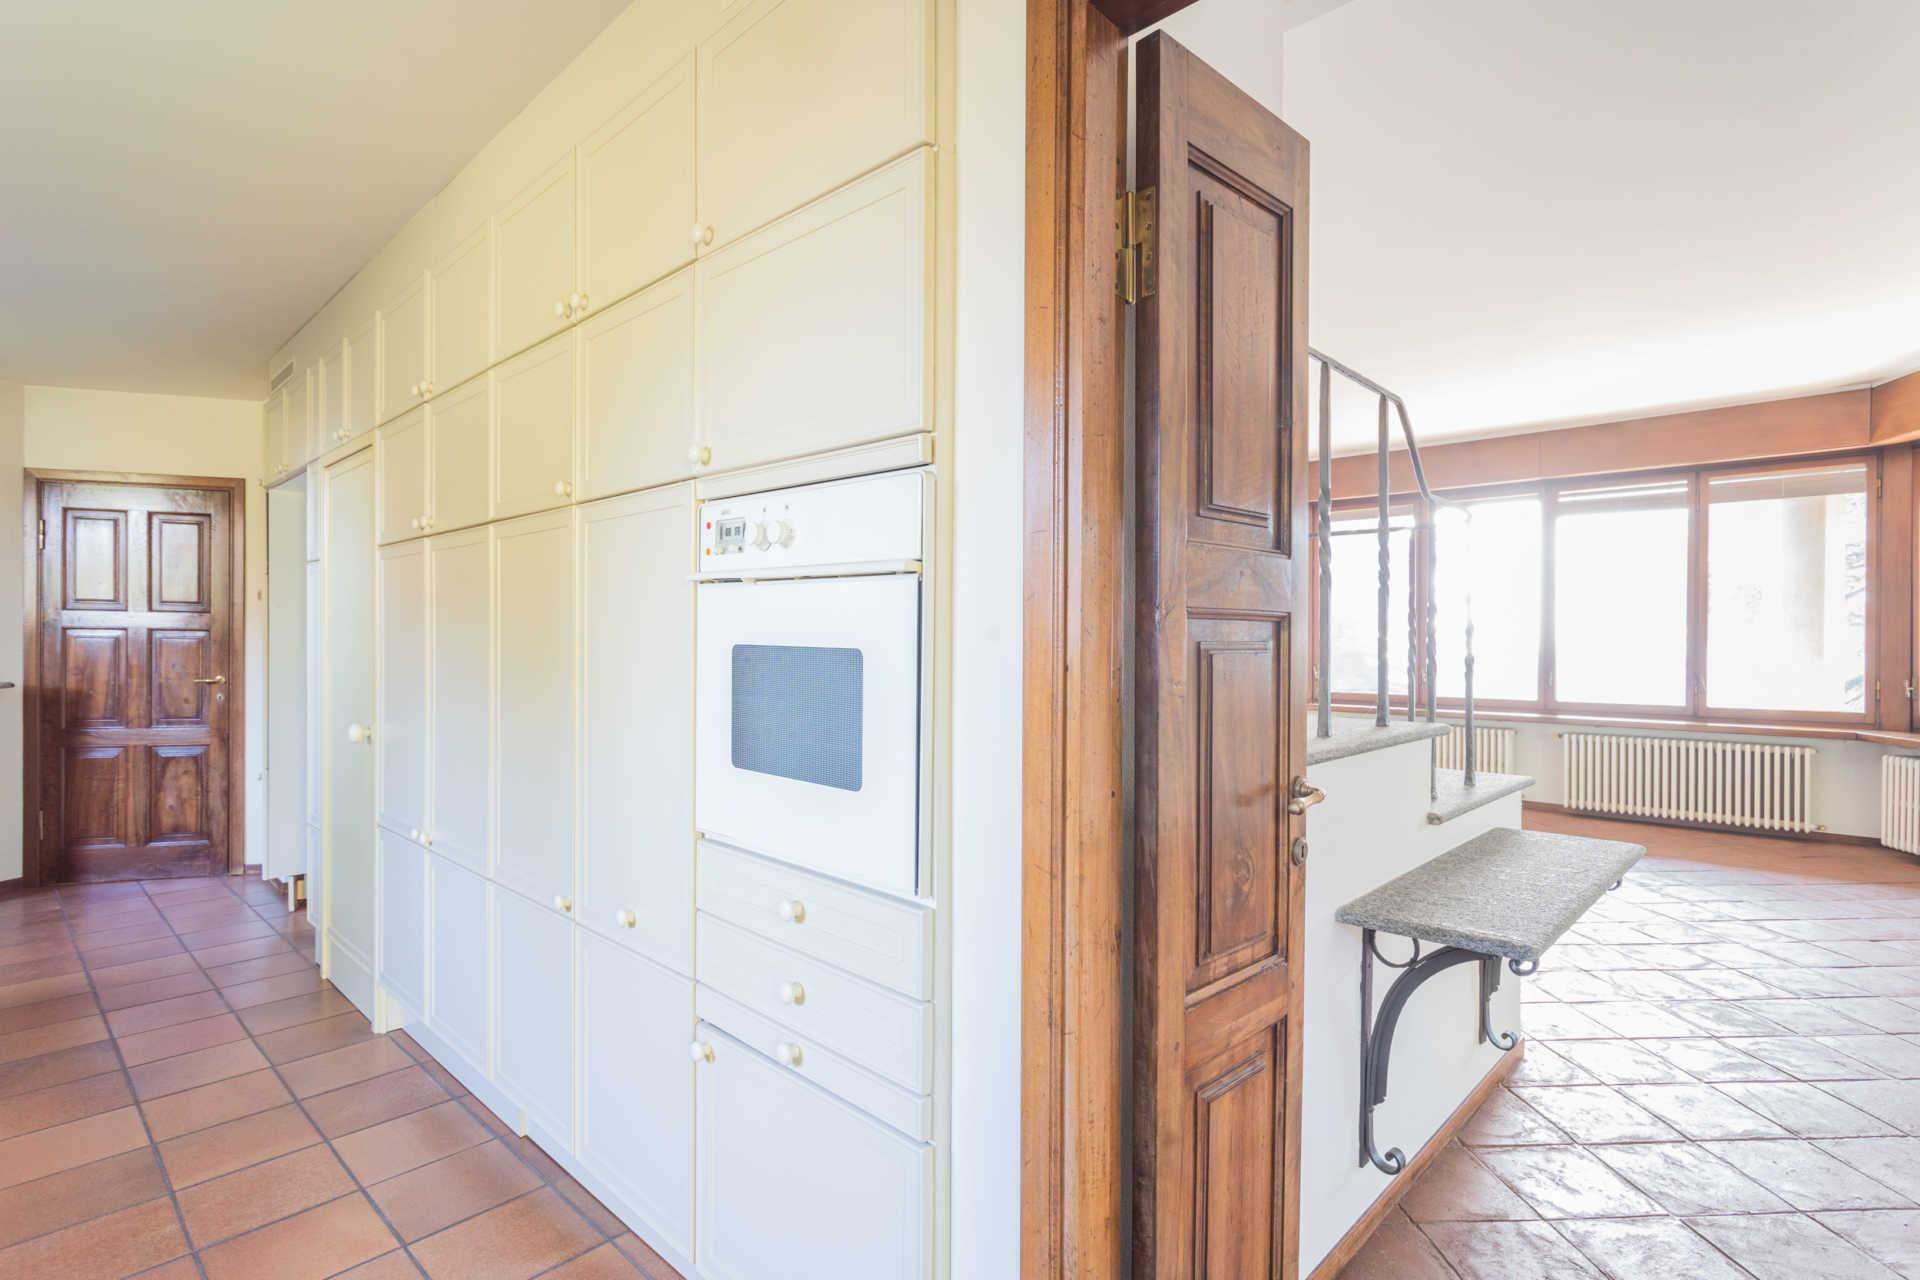 Villa-singola-Carate-Brianza-in-vendita (22)